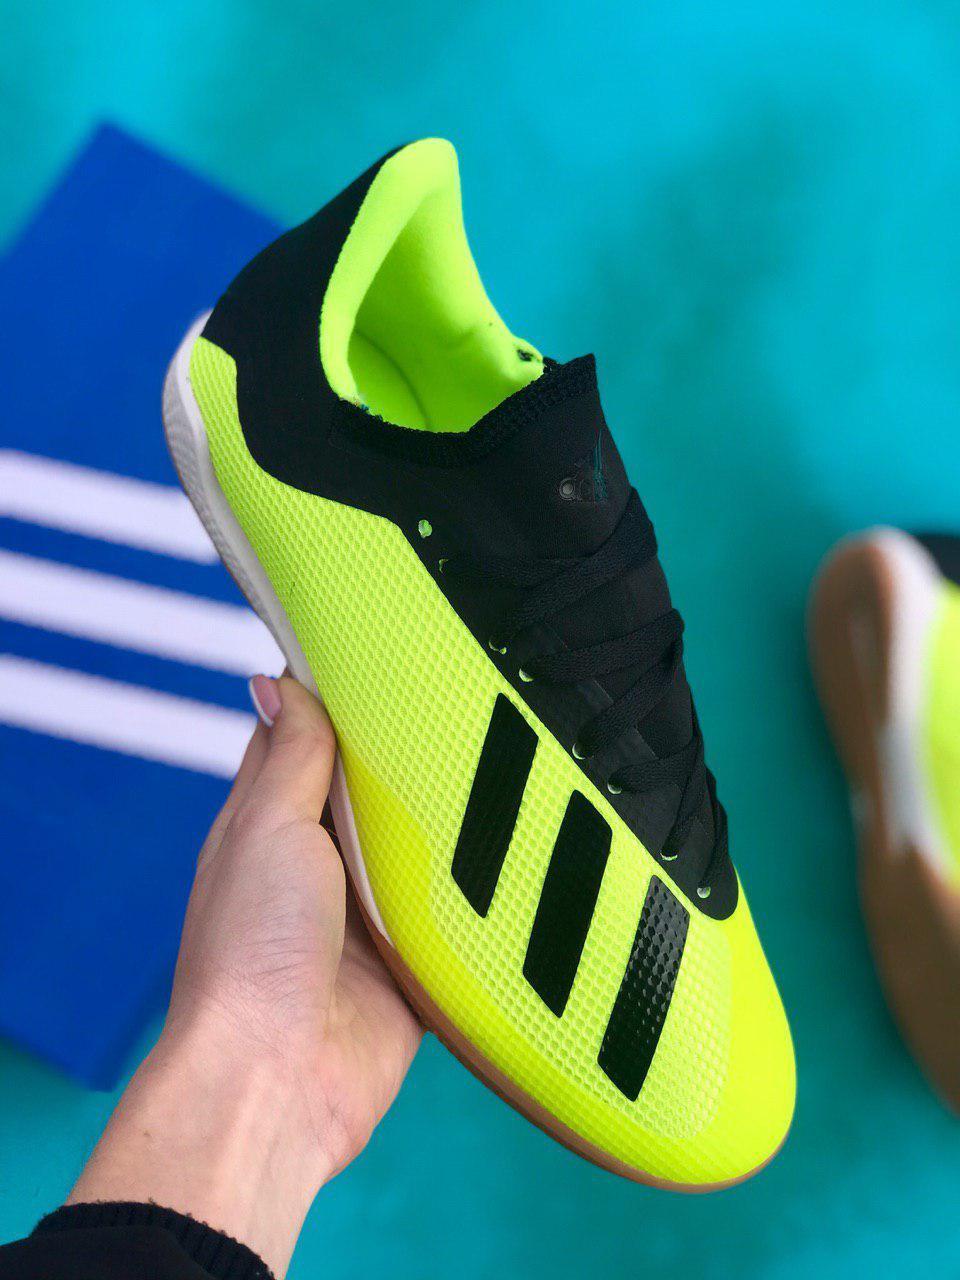 Футзалки Adidas X 19.3 /футбольная обувь.(39,40,41,42,45)